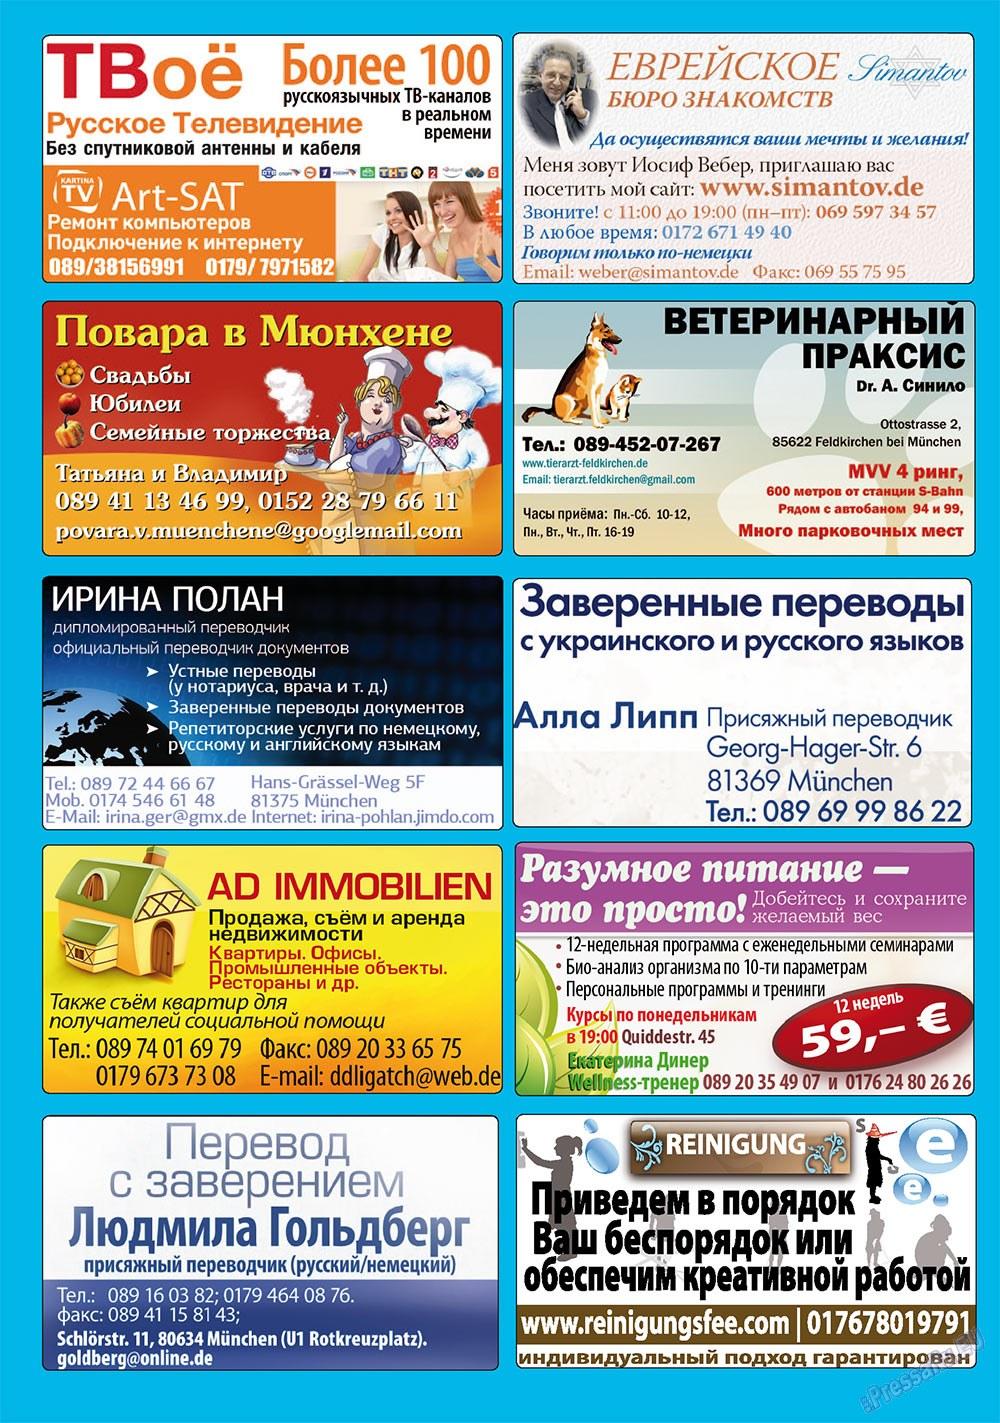 Апельсин (журнал). 2011 год, номер 19, стр. 26